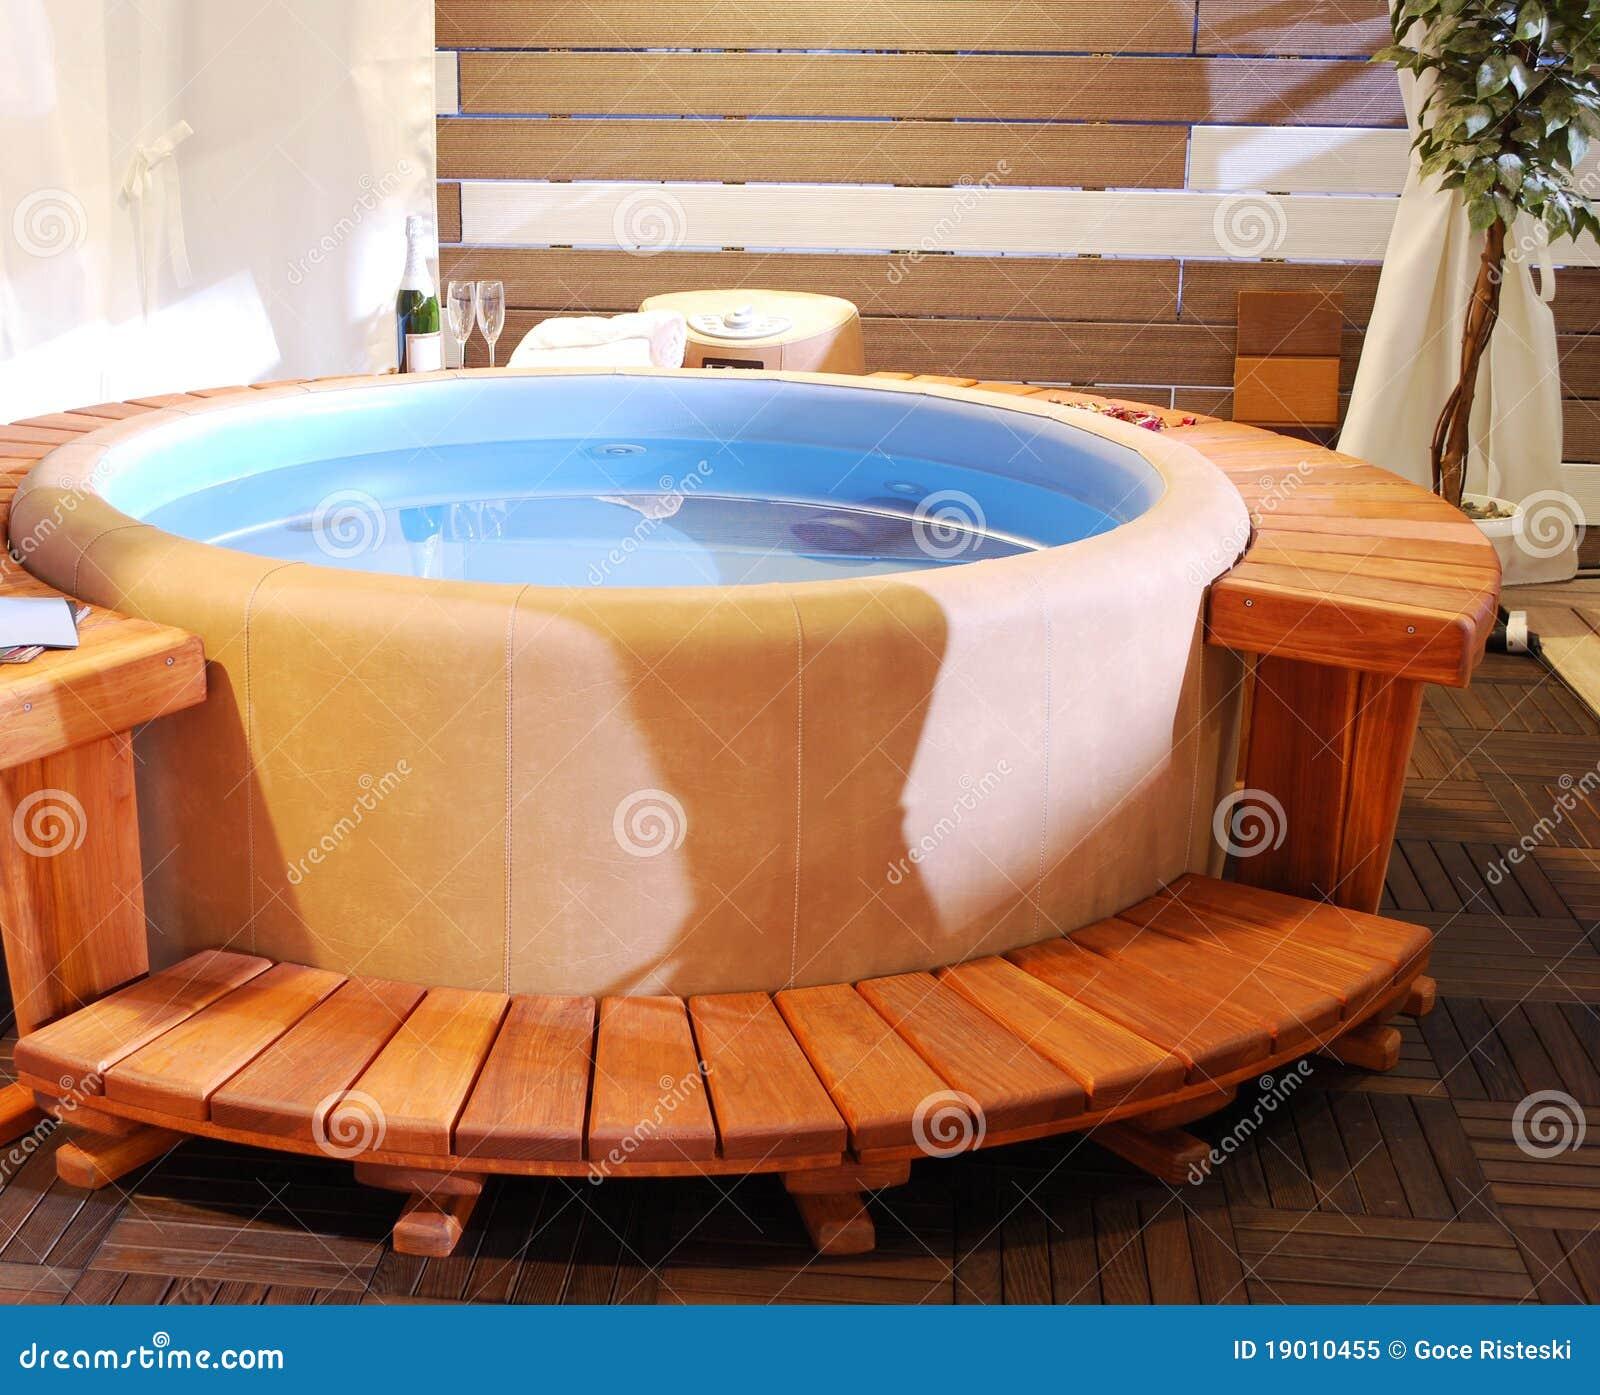 Salle de bains avec le jacuzzi photo libre de droits for Salle de bain jacuzzi